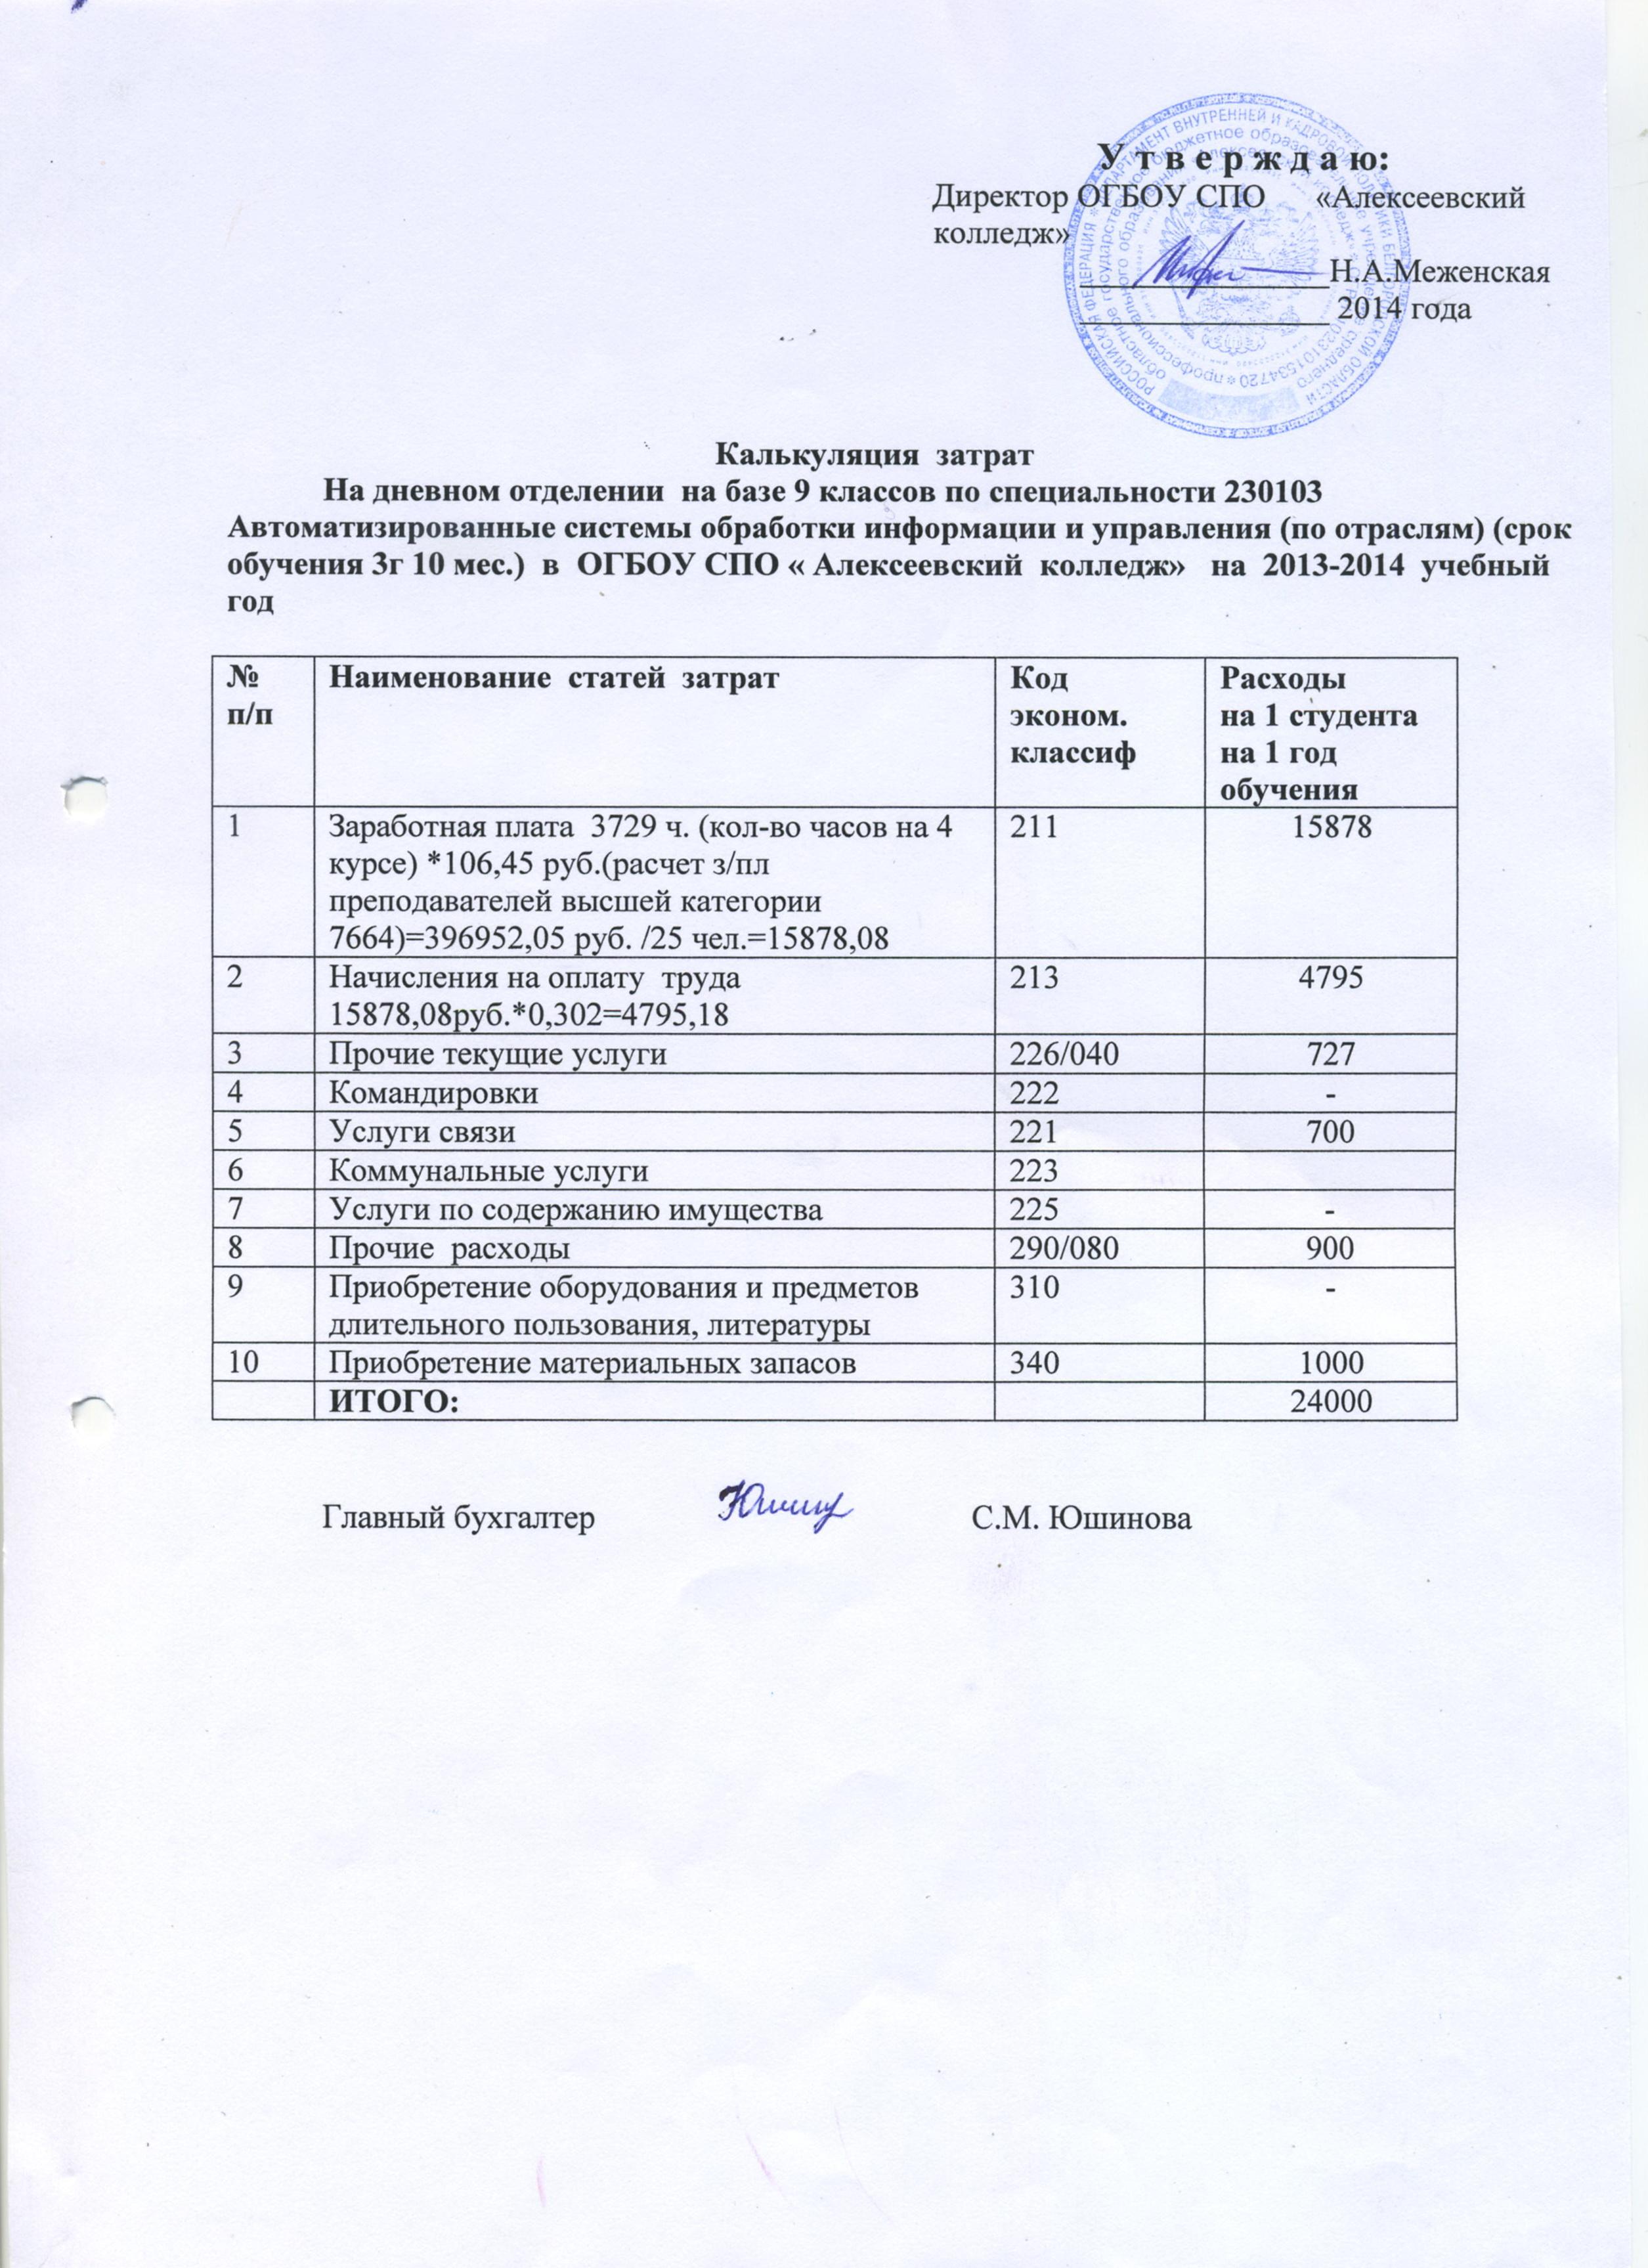 Открытый реестр документов.